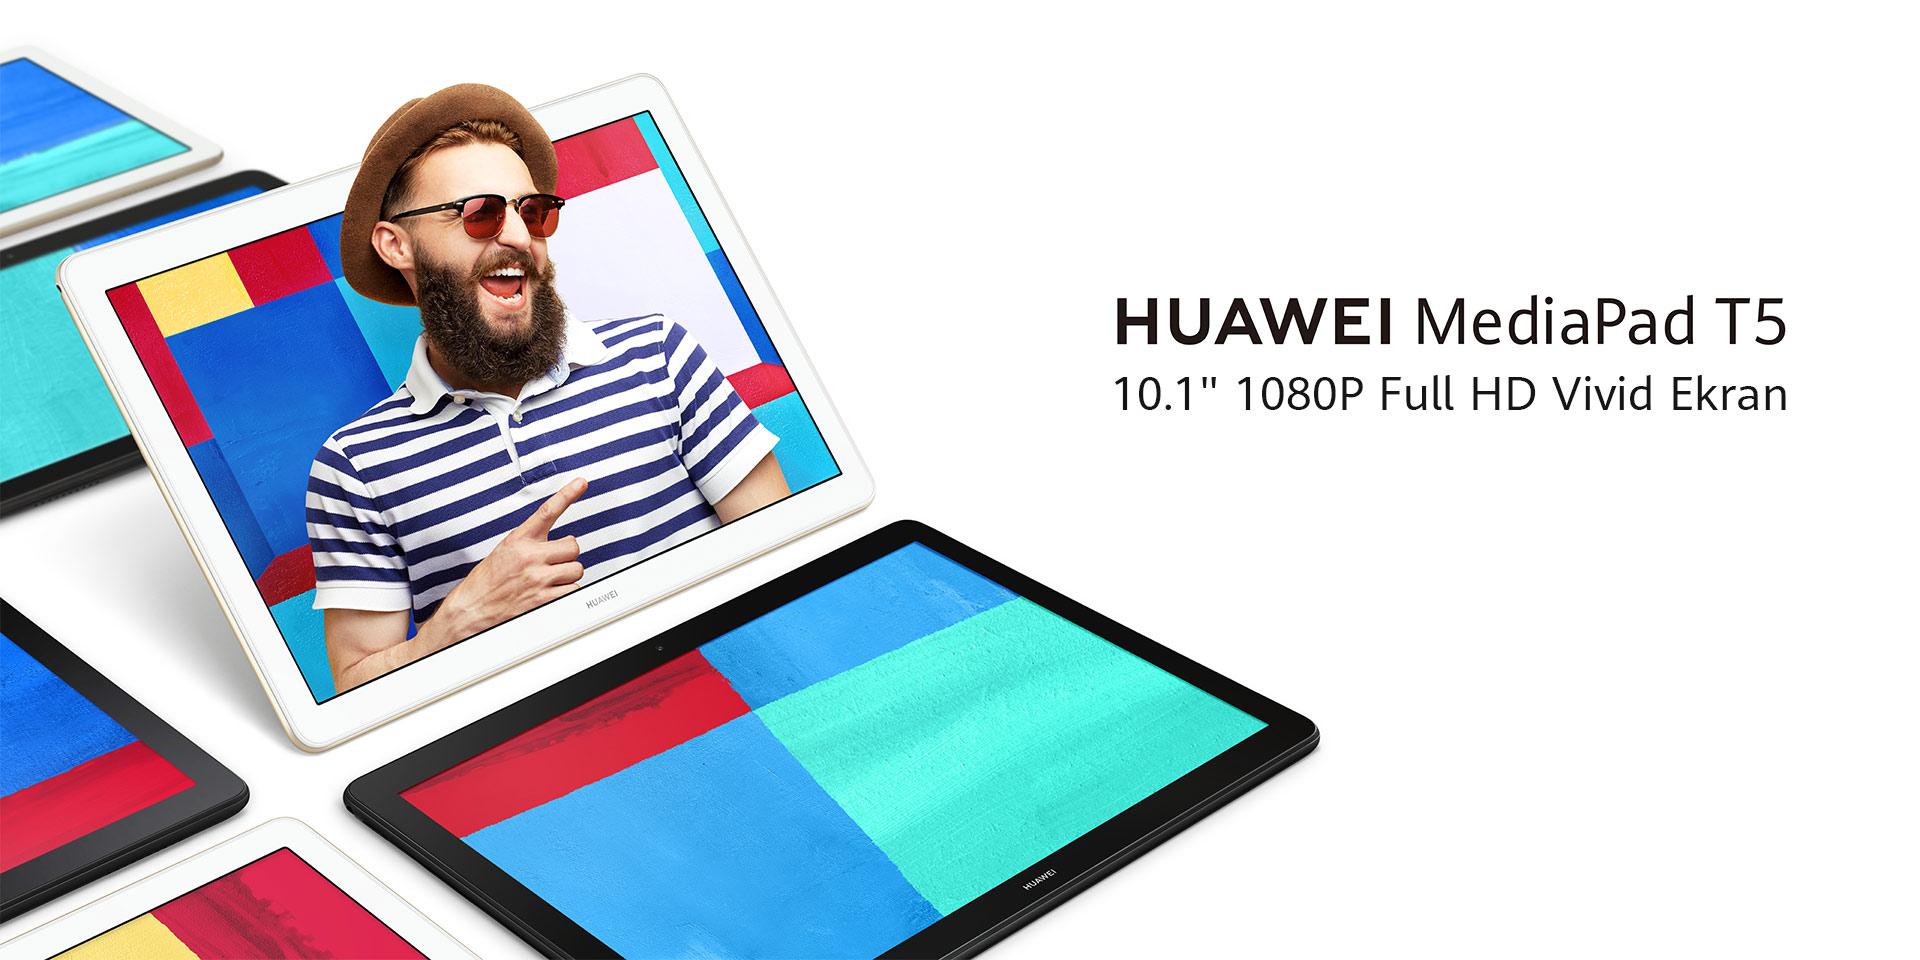 HUAWEI MediapadT5